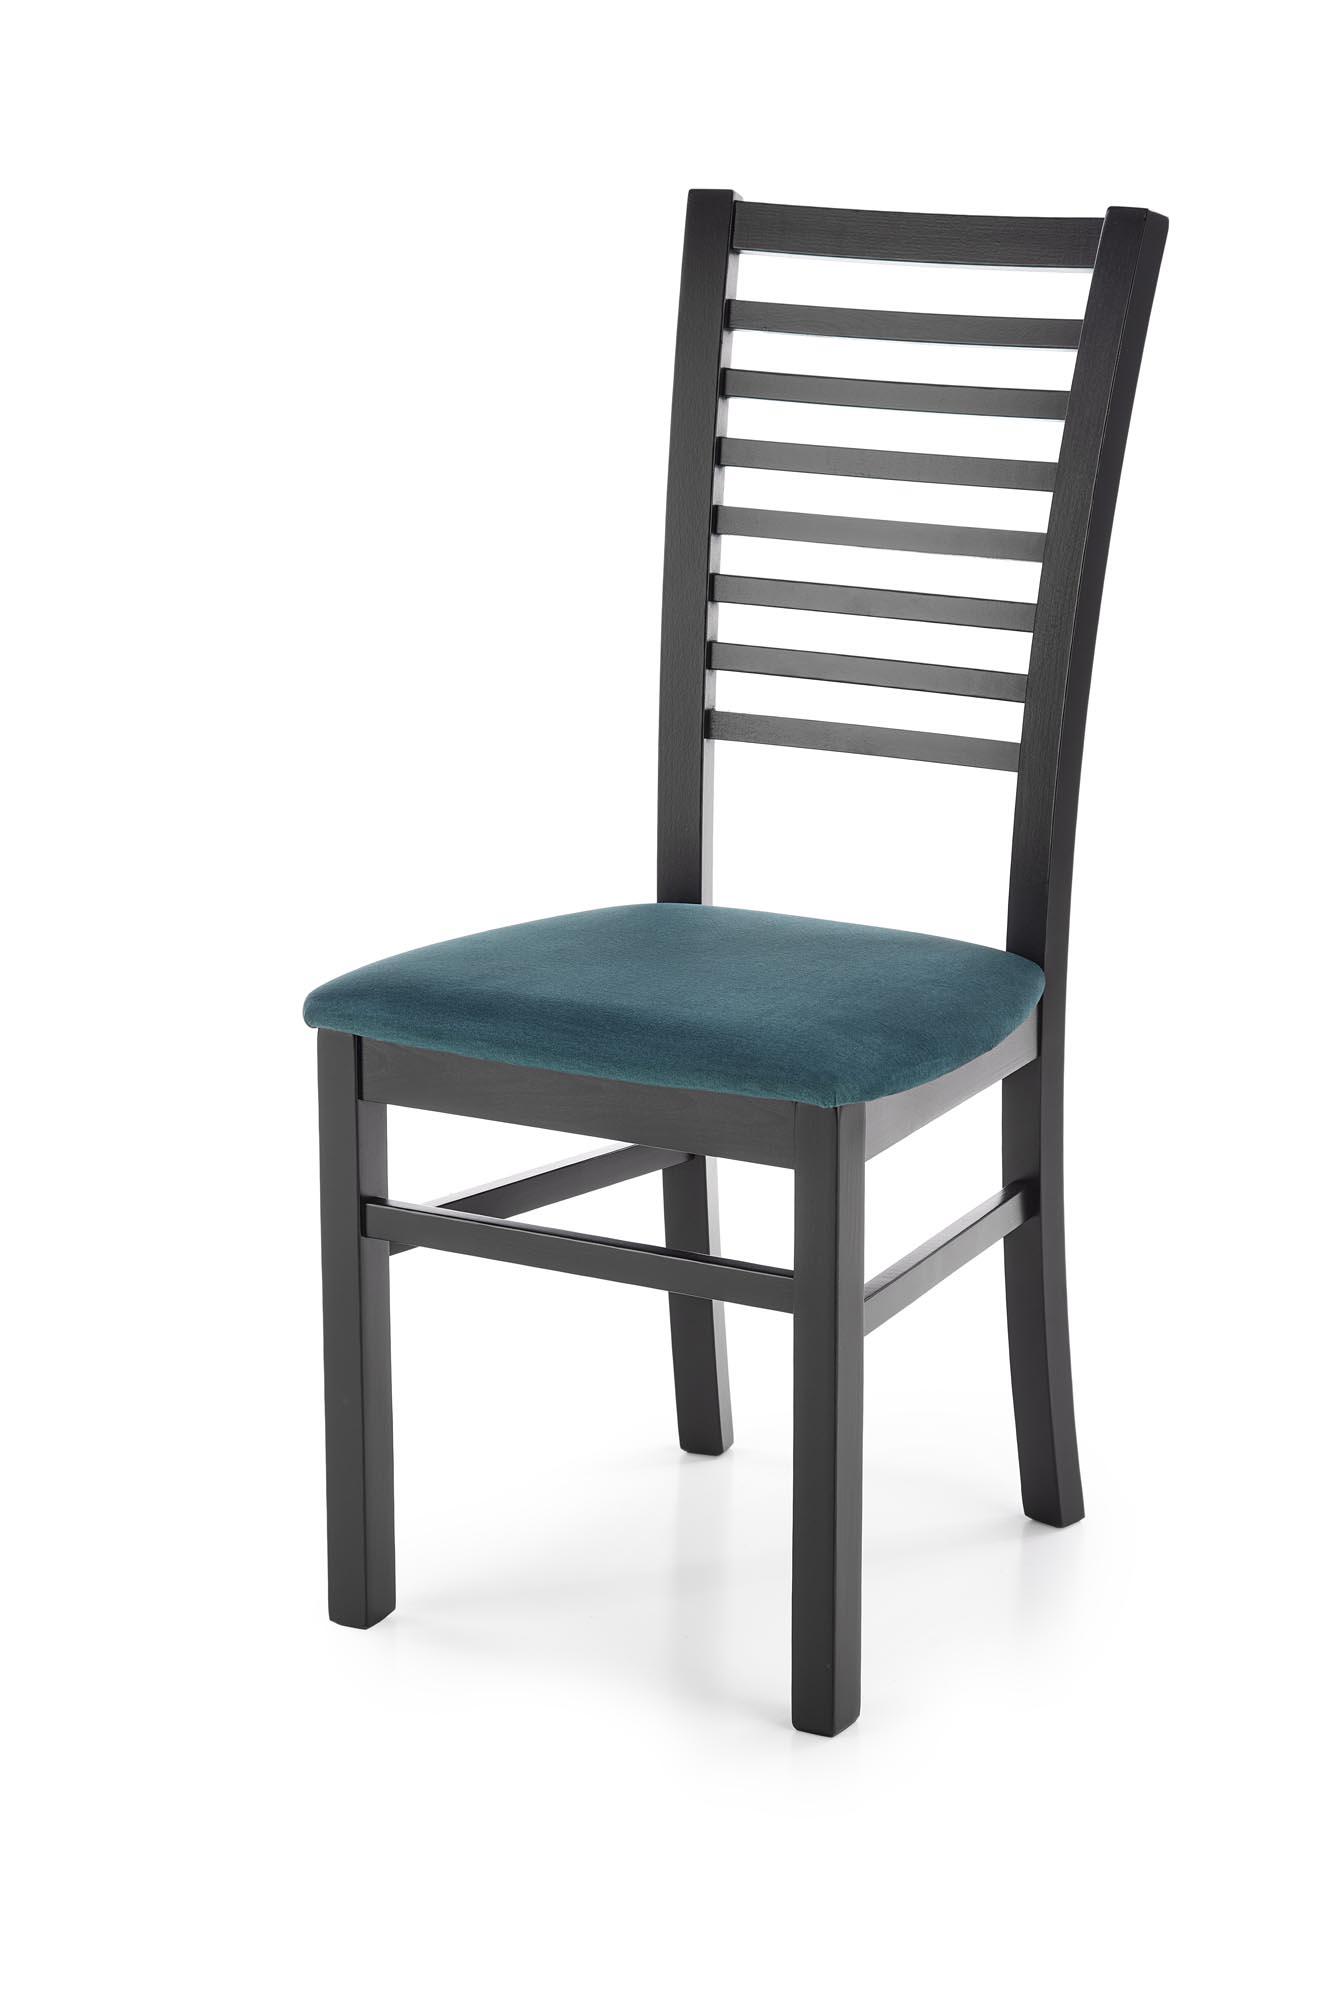 GERARD6 krzesło czarny / tap: velvet Monolith 37 (ciemny zielony) (1p=2szt)